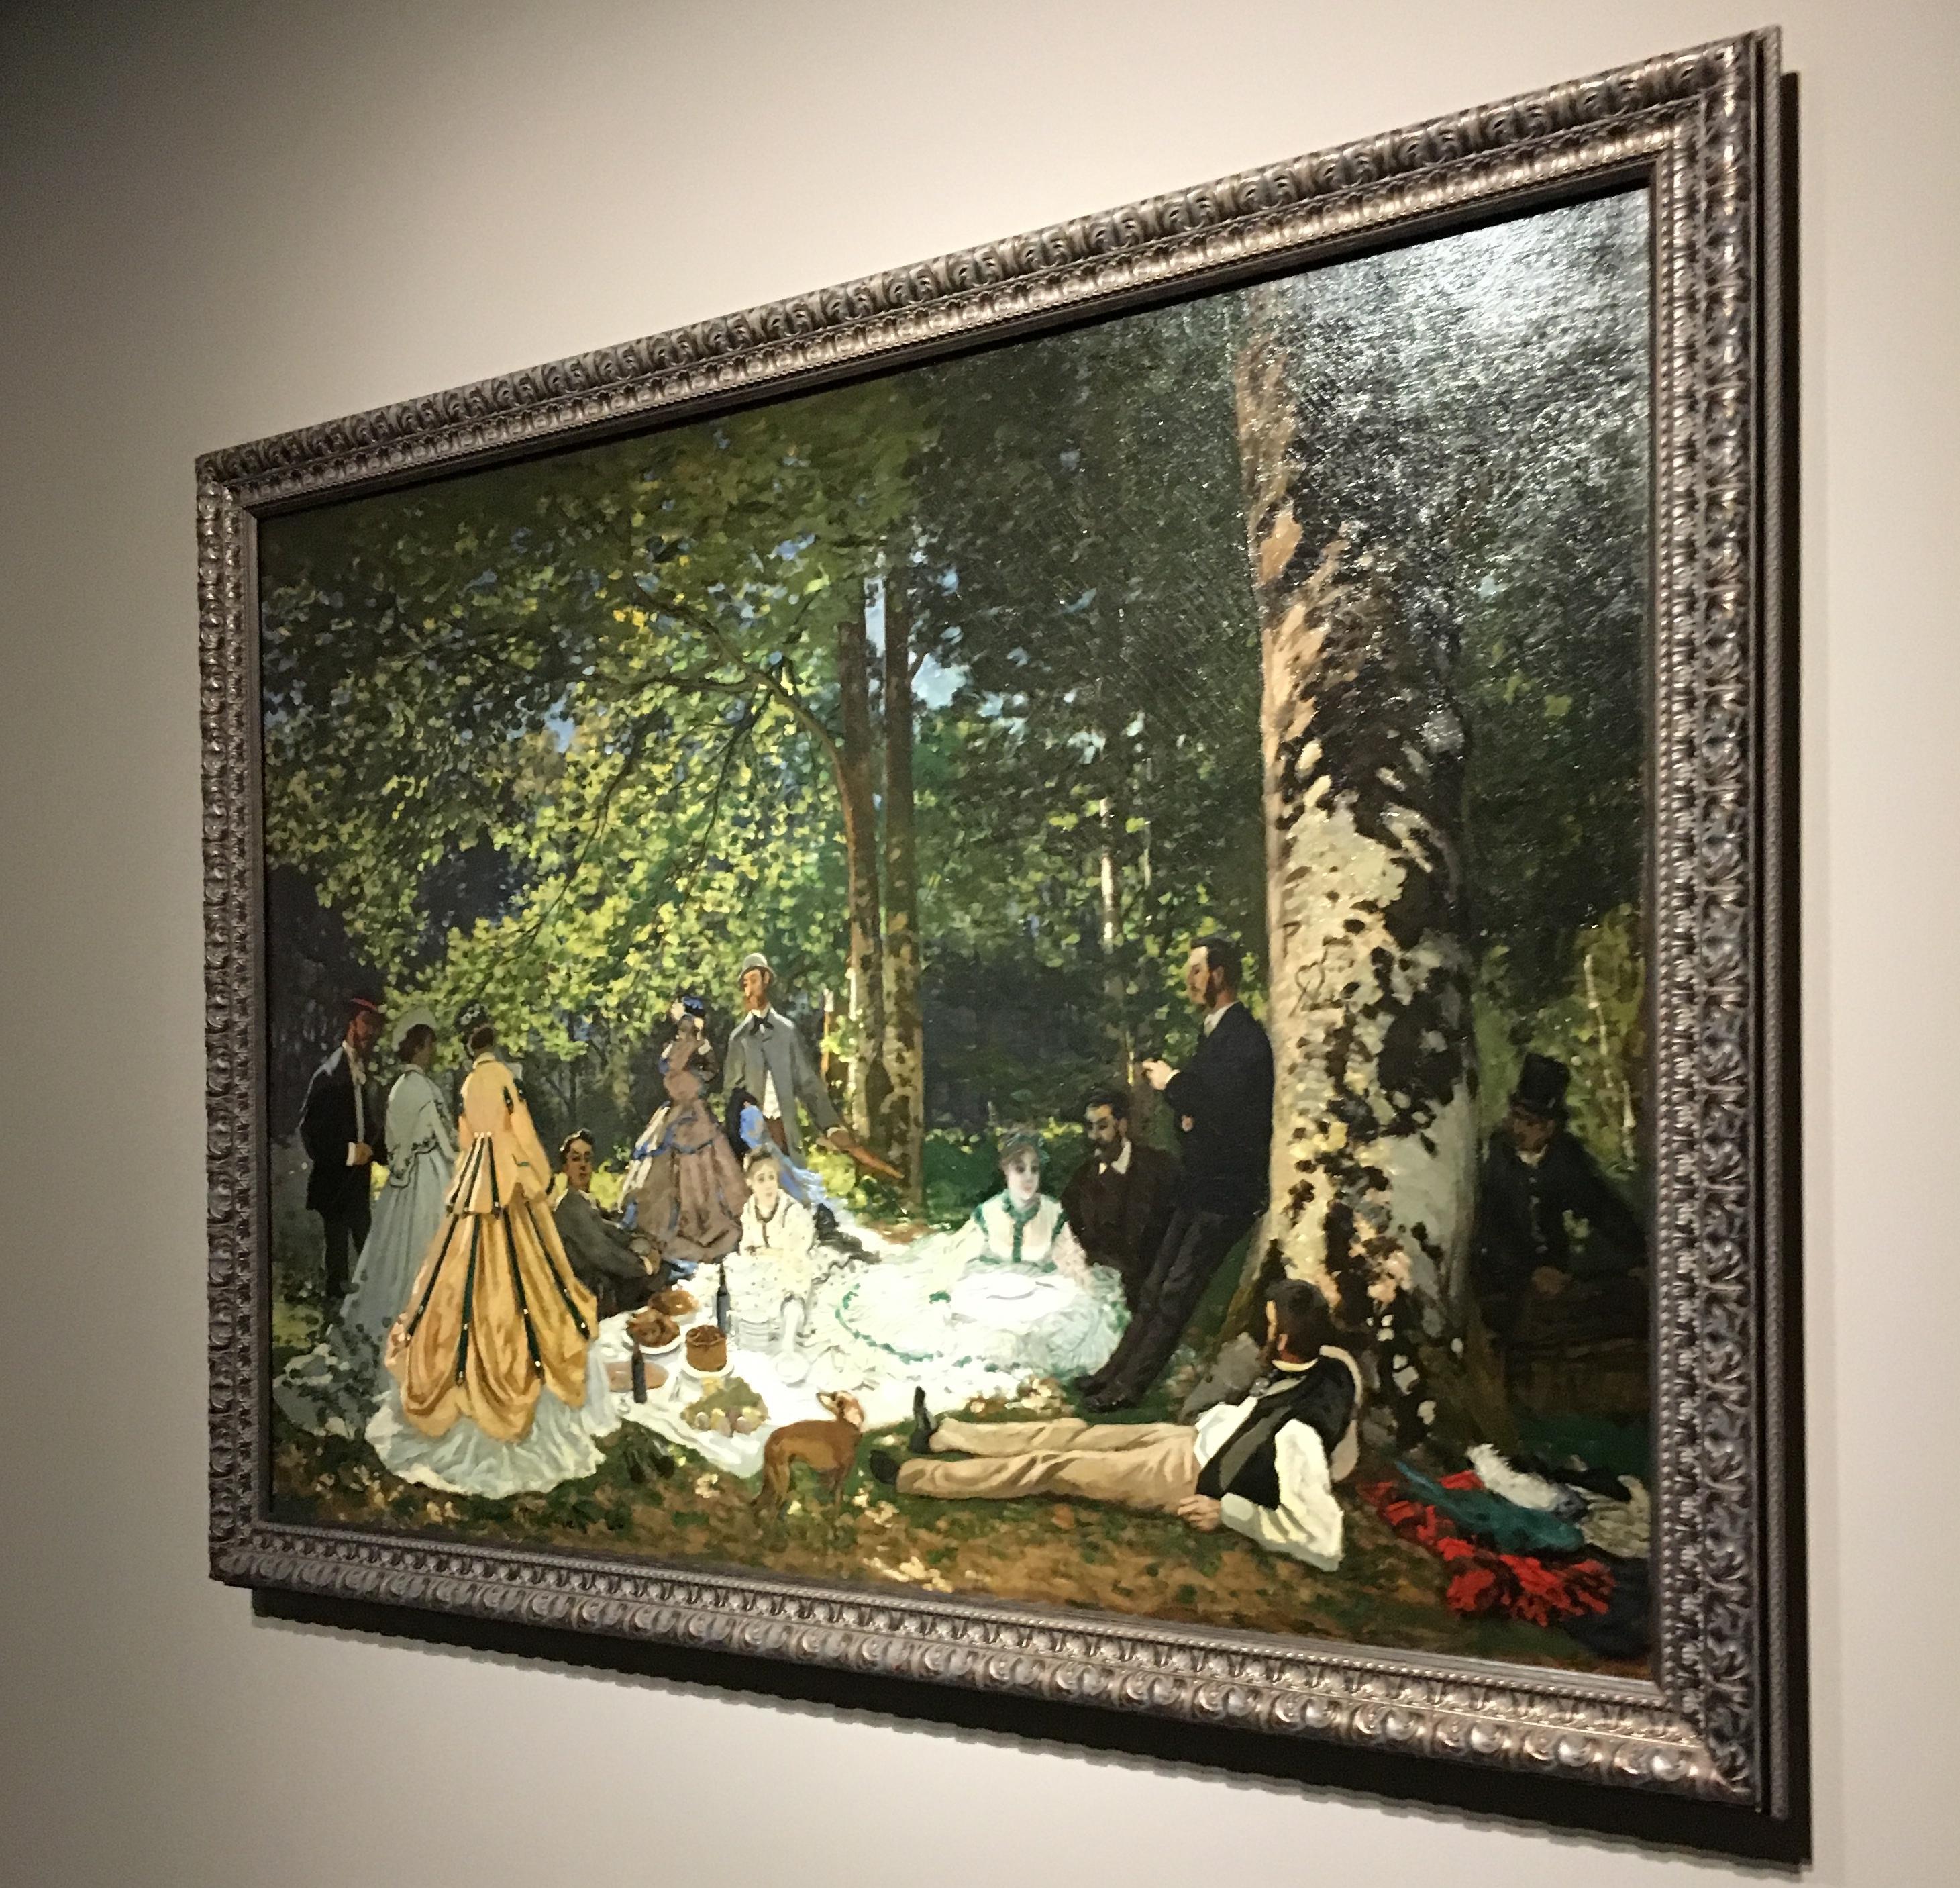 Claude Monet, Le déjeuner sur l'herbe